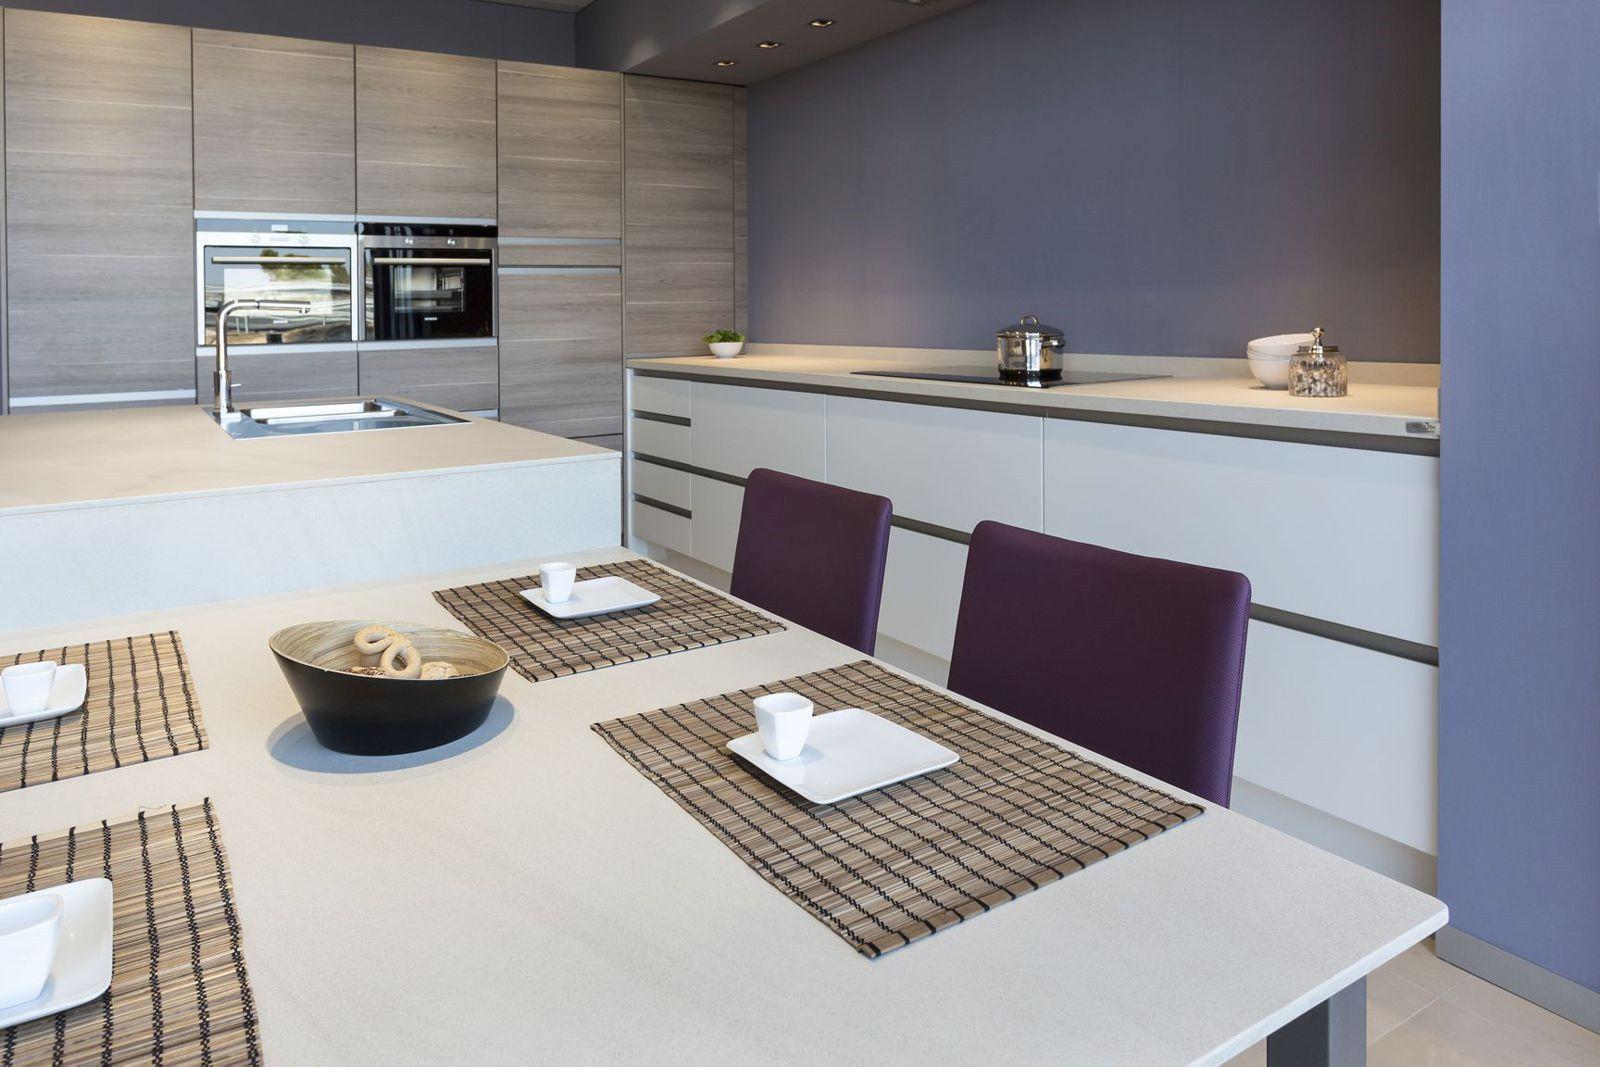 Cocina 56 cocinas capis dise o y fabricaci n de cocinas for Configurador cocinas